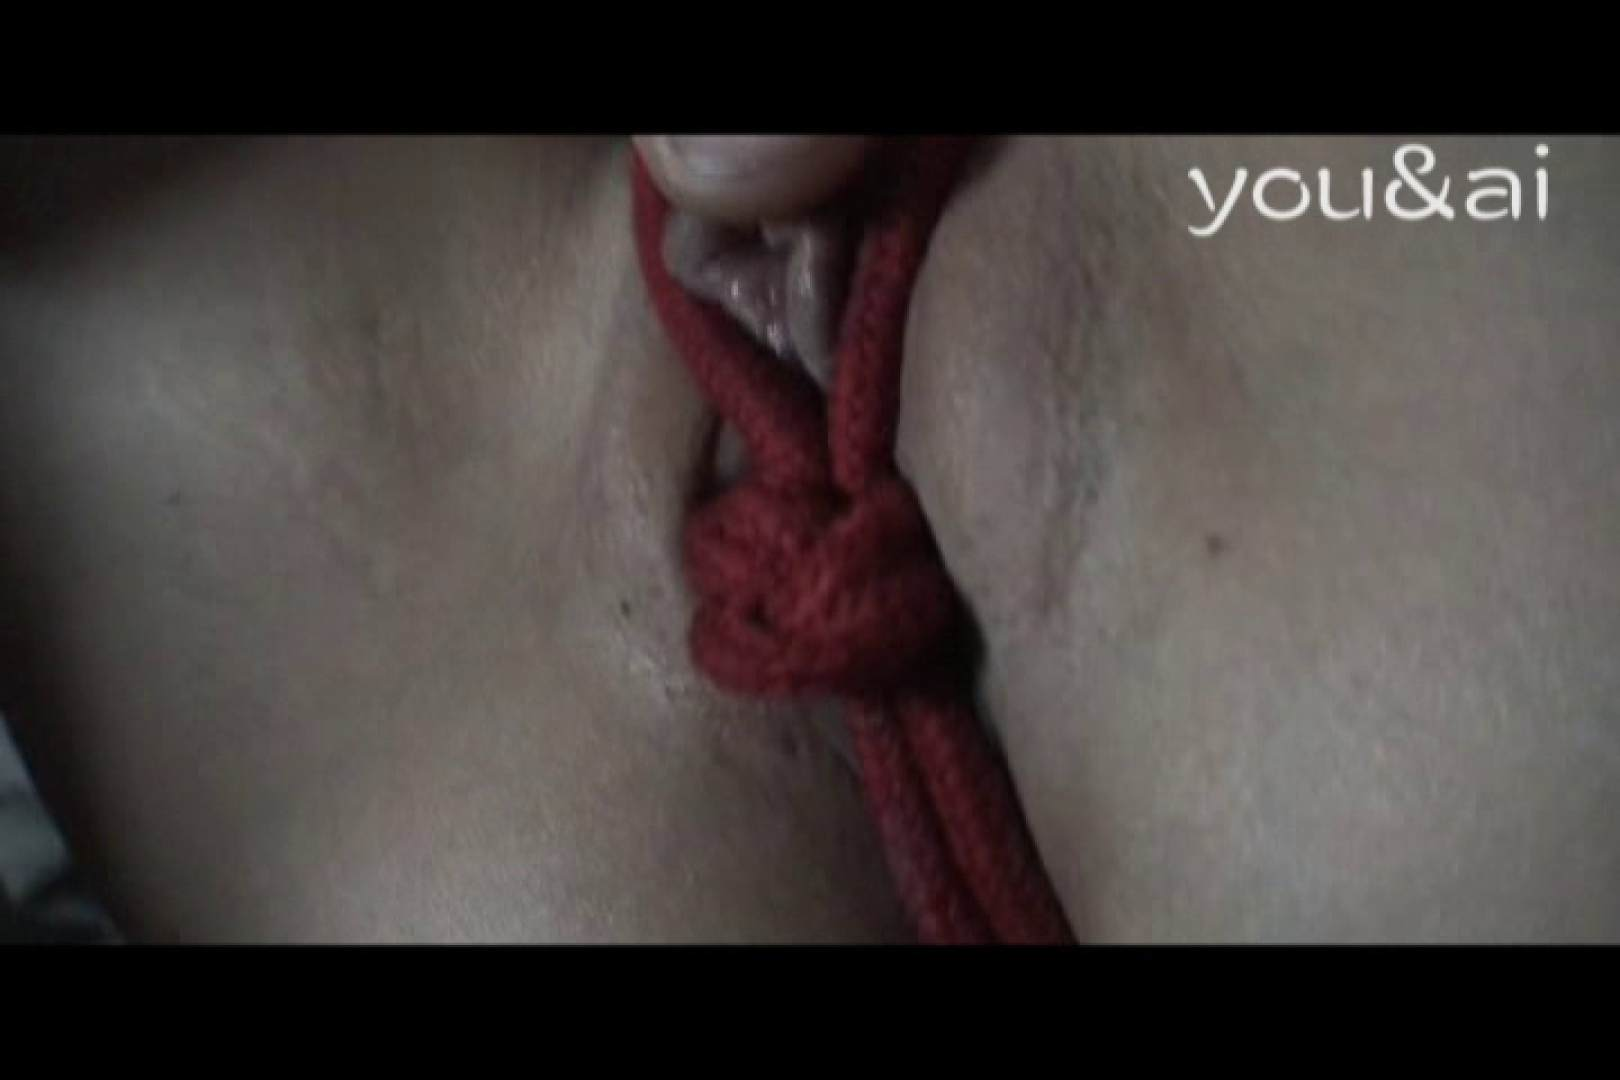 おしどり夫婦のyou&aiさん投稿作品vol.4 美女OL  59連発 14